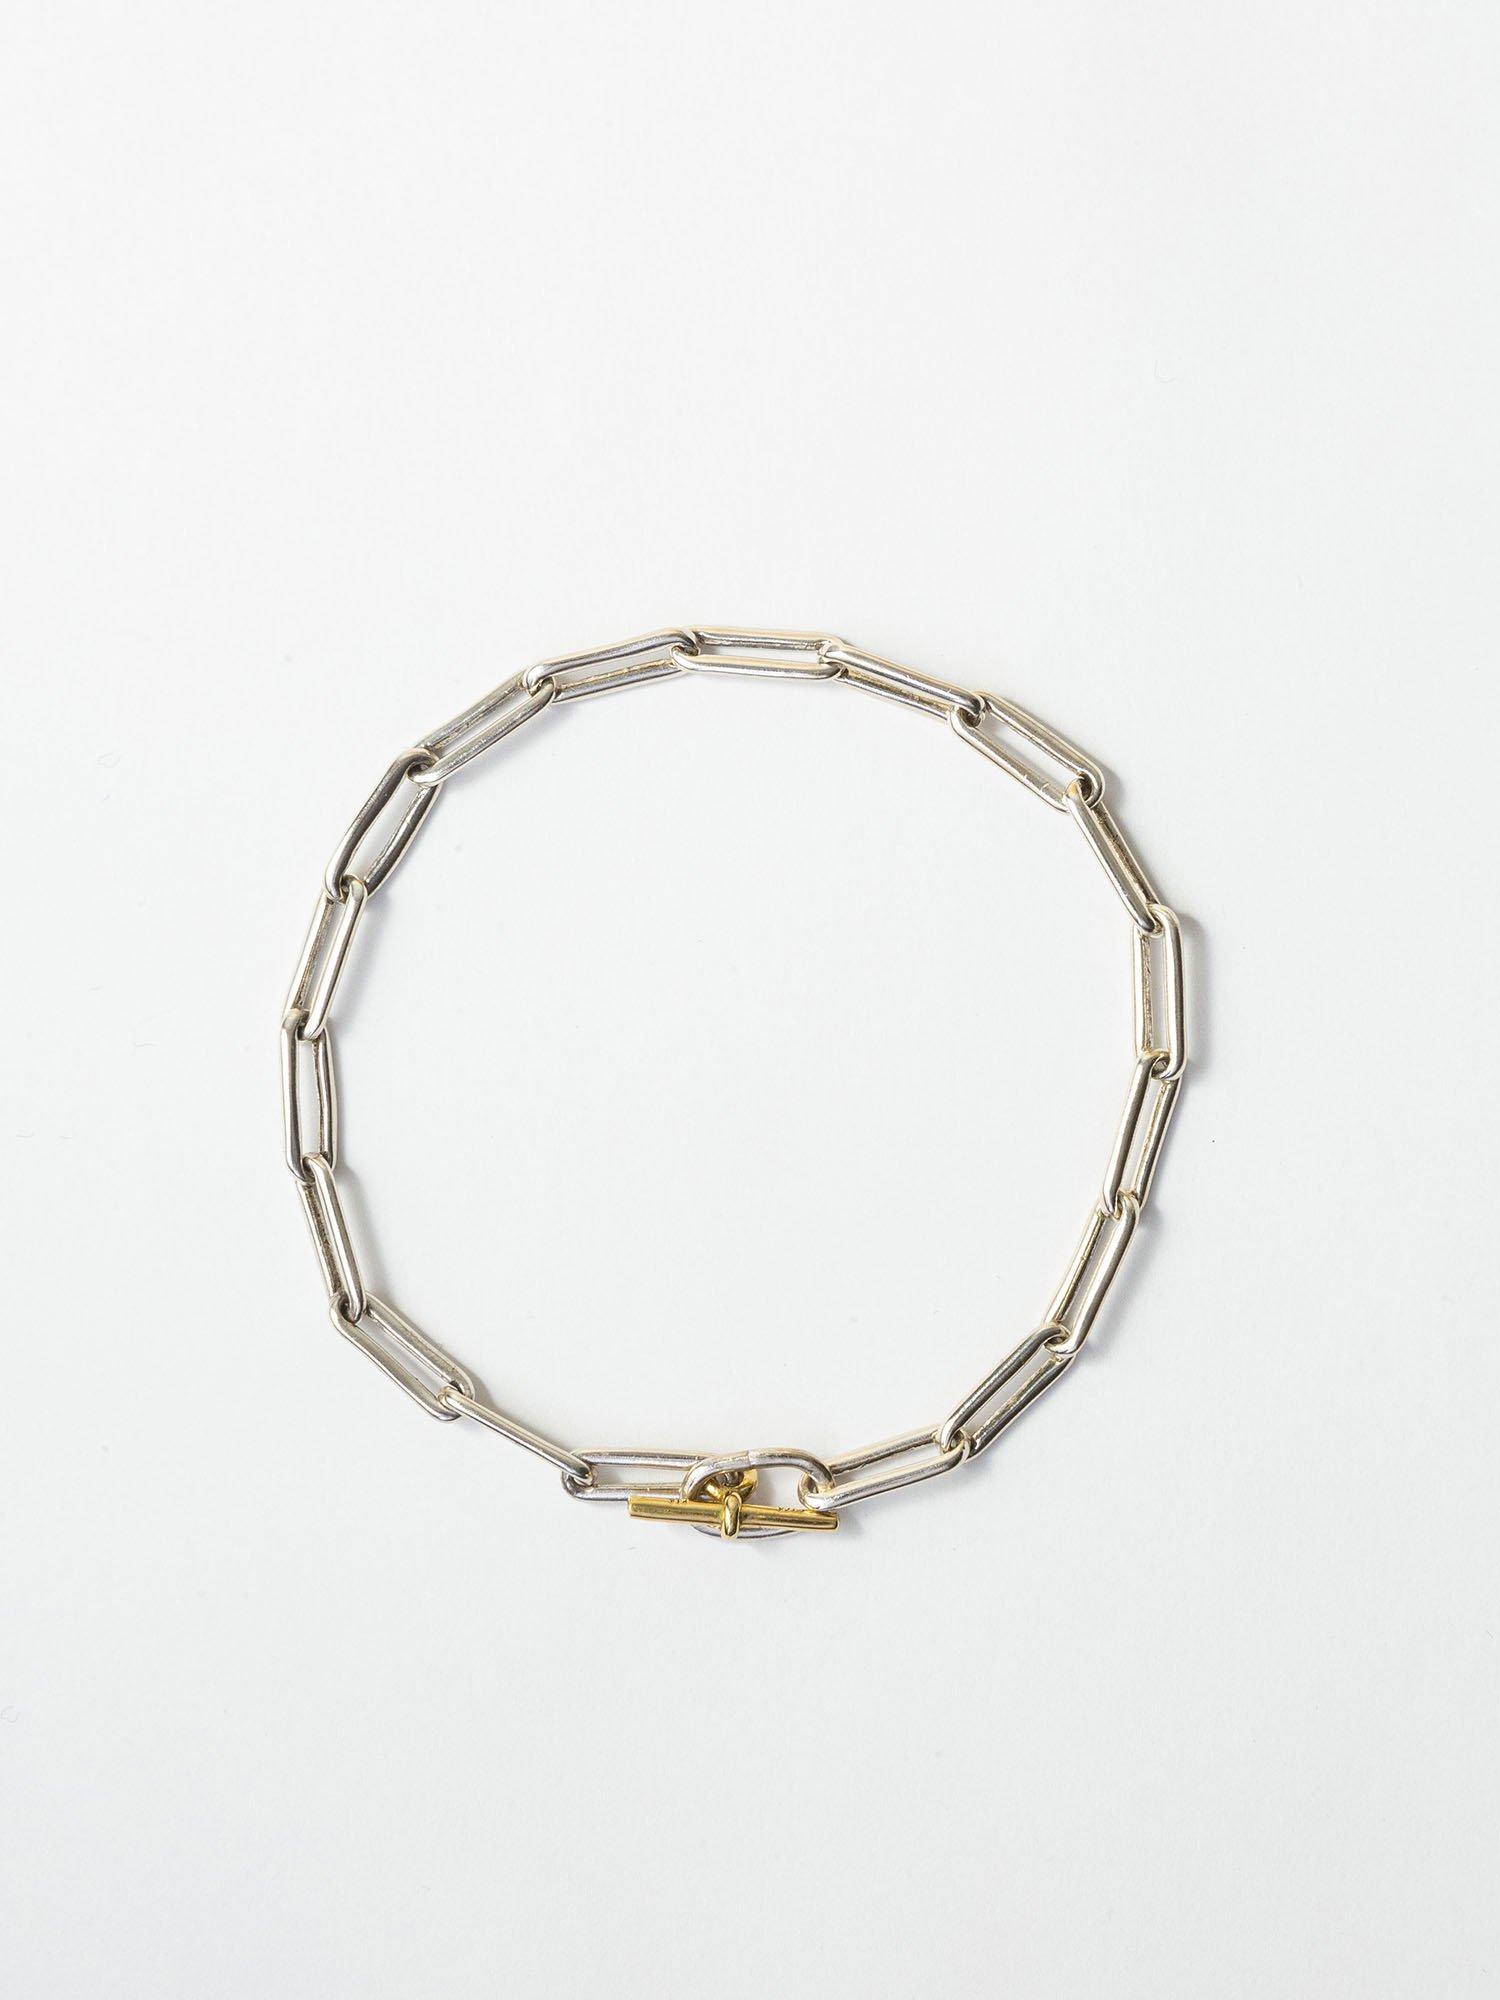 ARTEMIS / boned chain bracelet / 180mm / 在庫商品